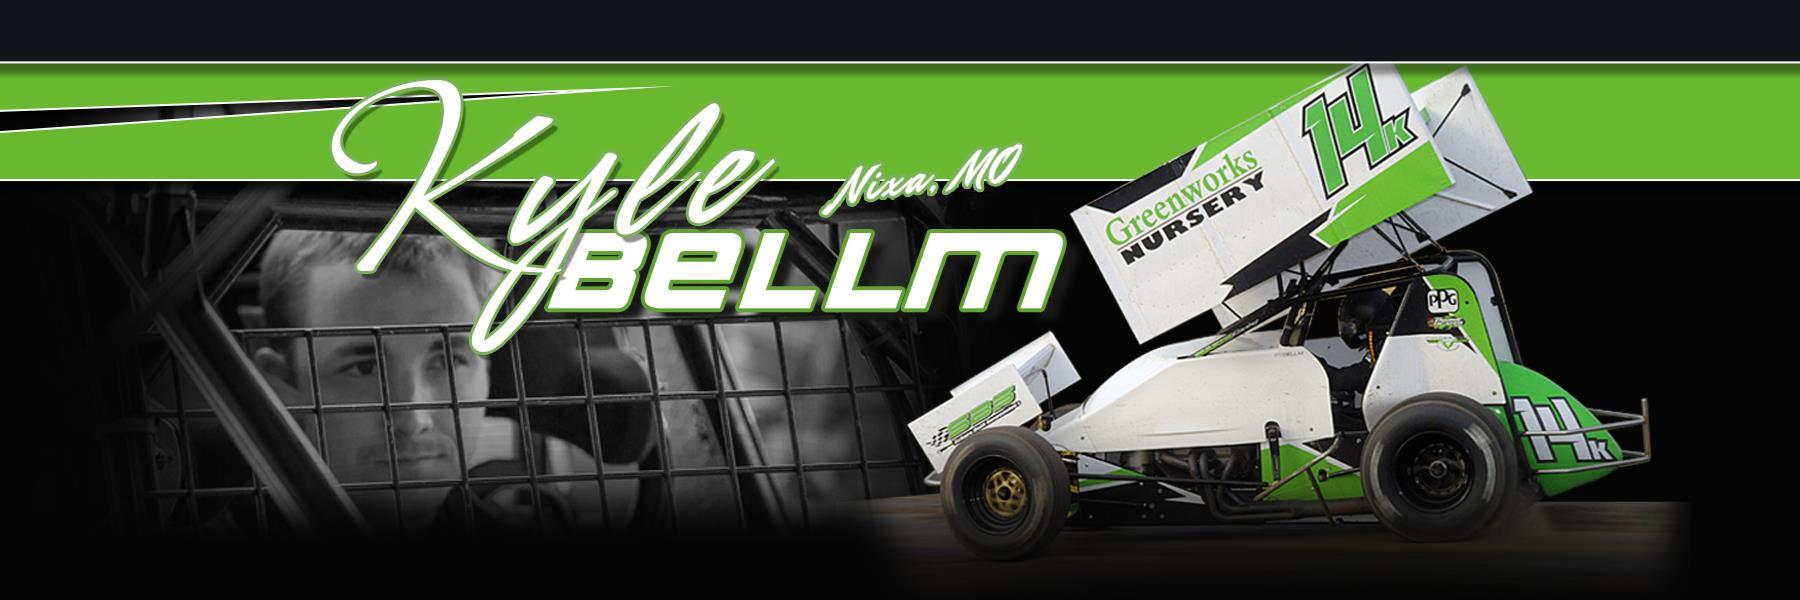 Kyle Bellm